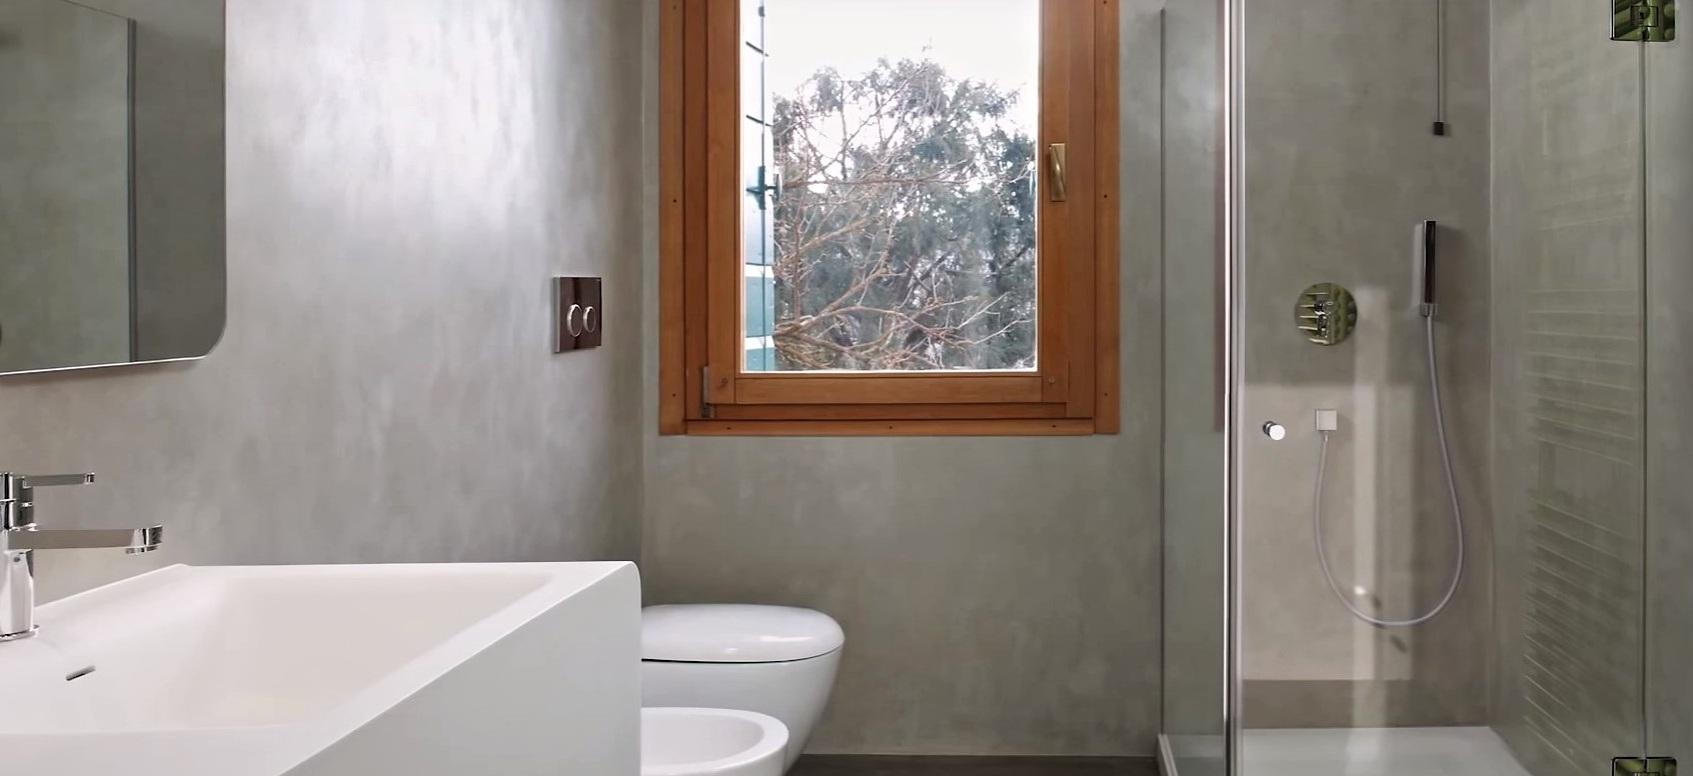 Microtop bathroom